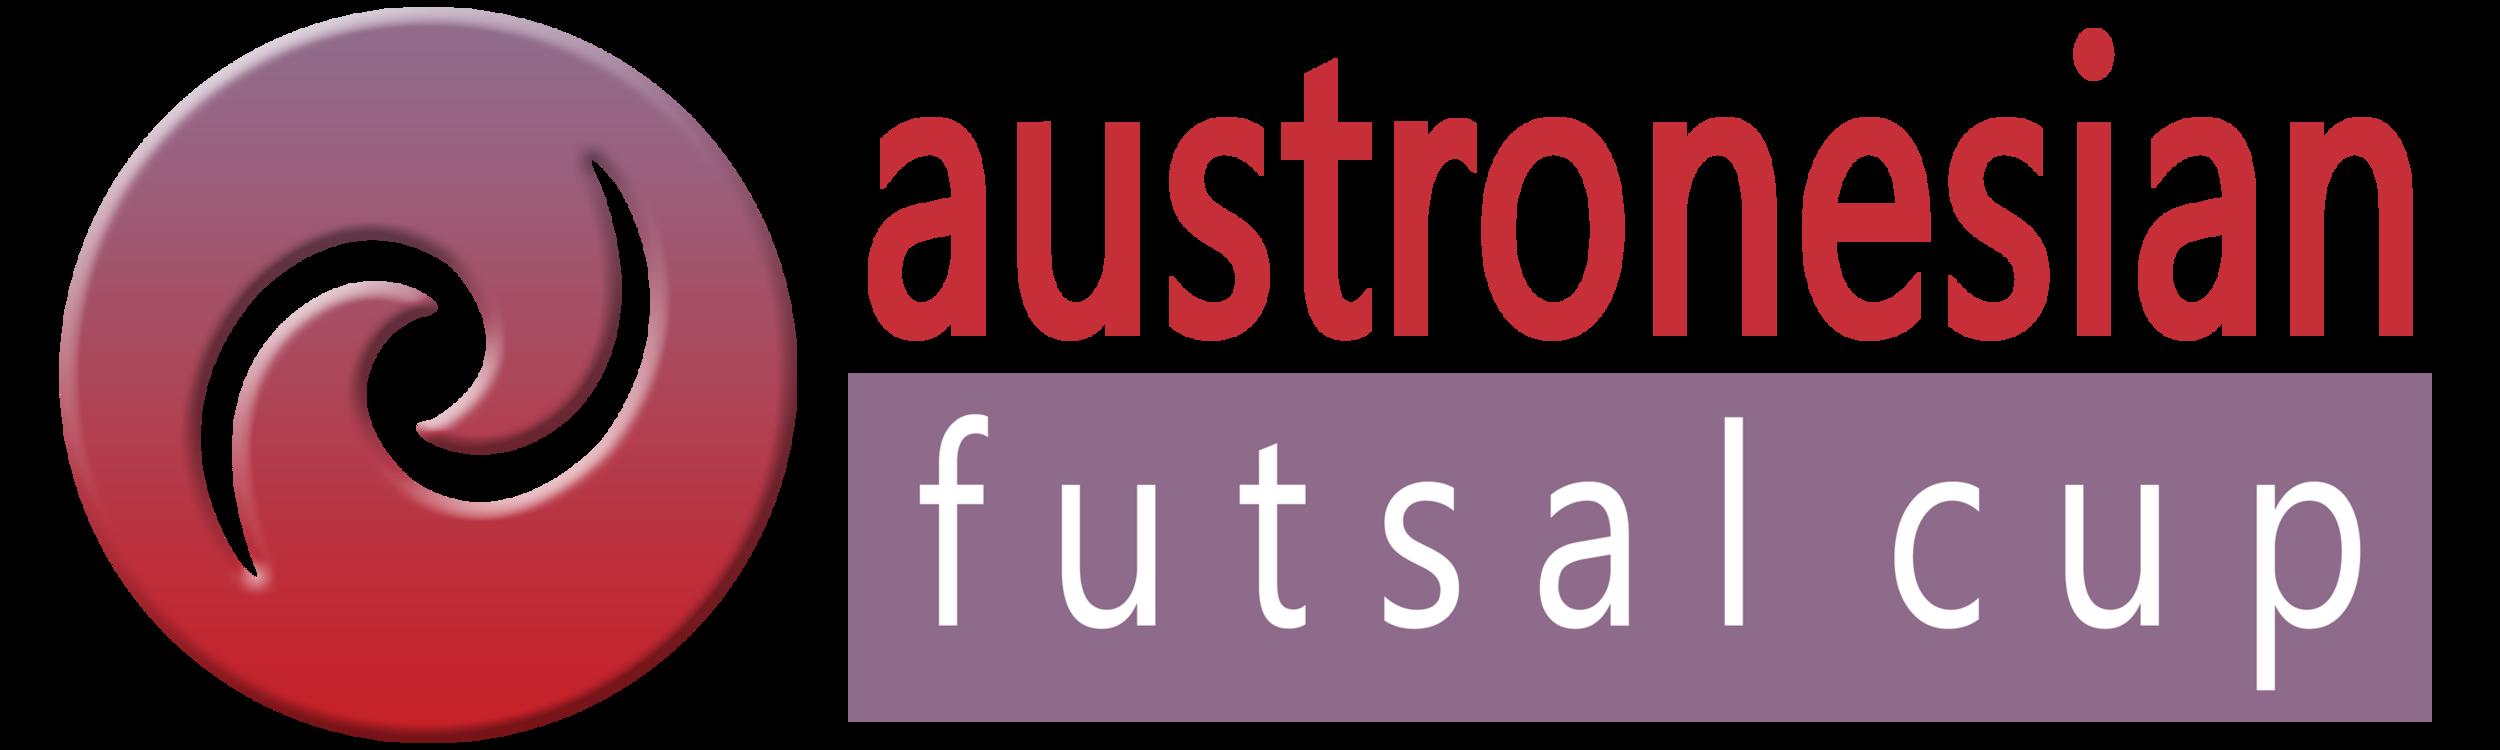 10x3 austro landscape bevel logo copy.png